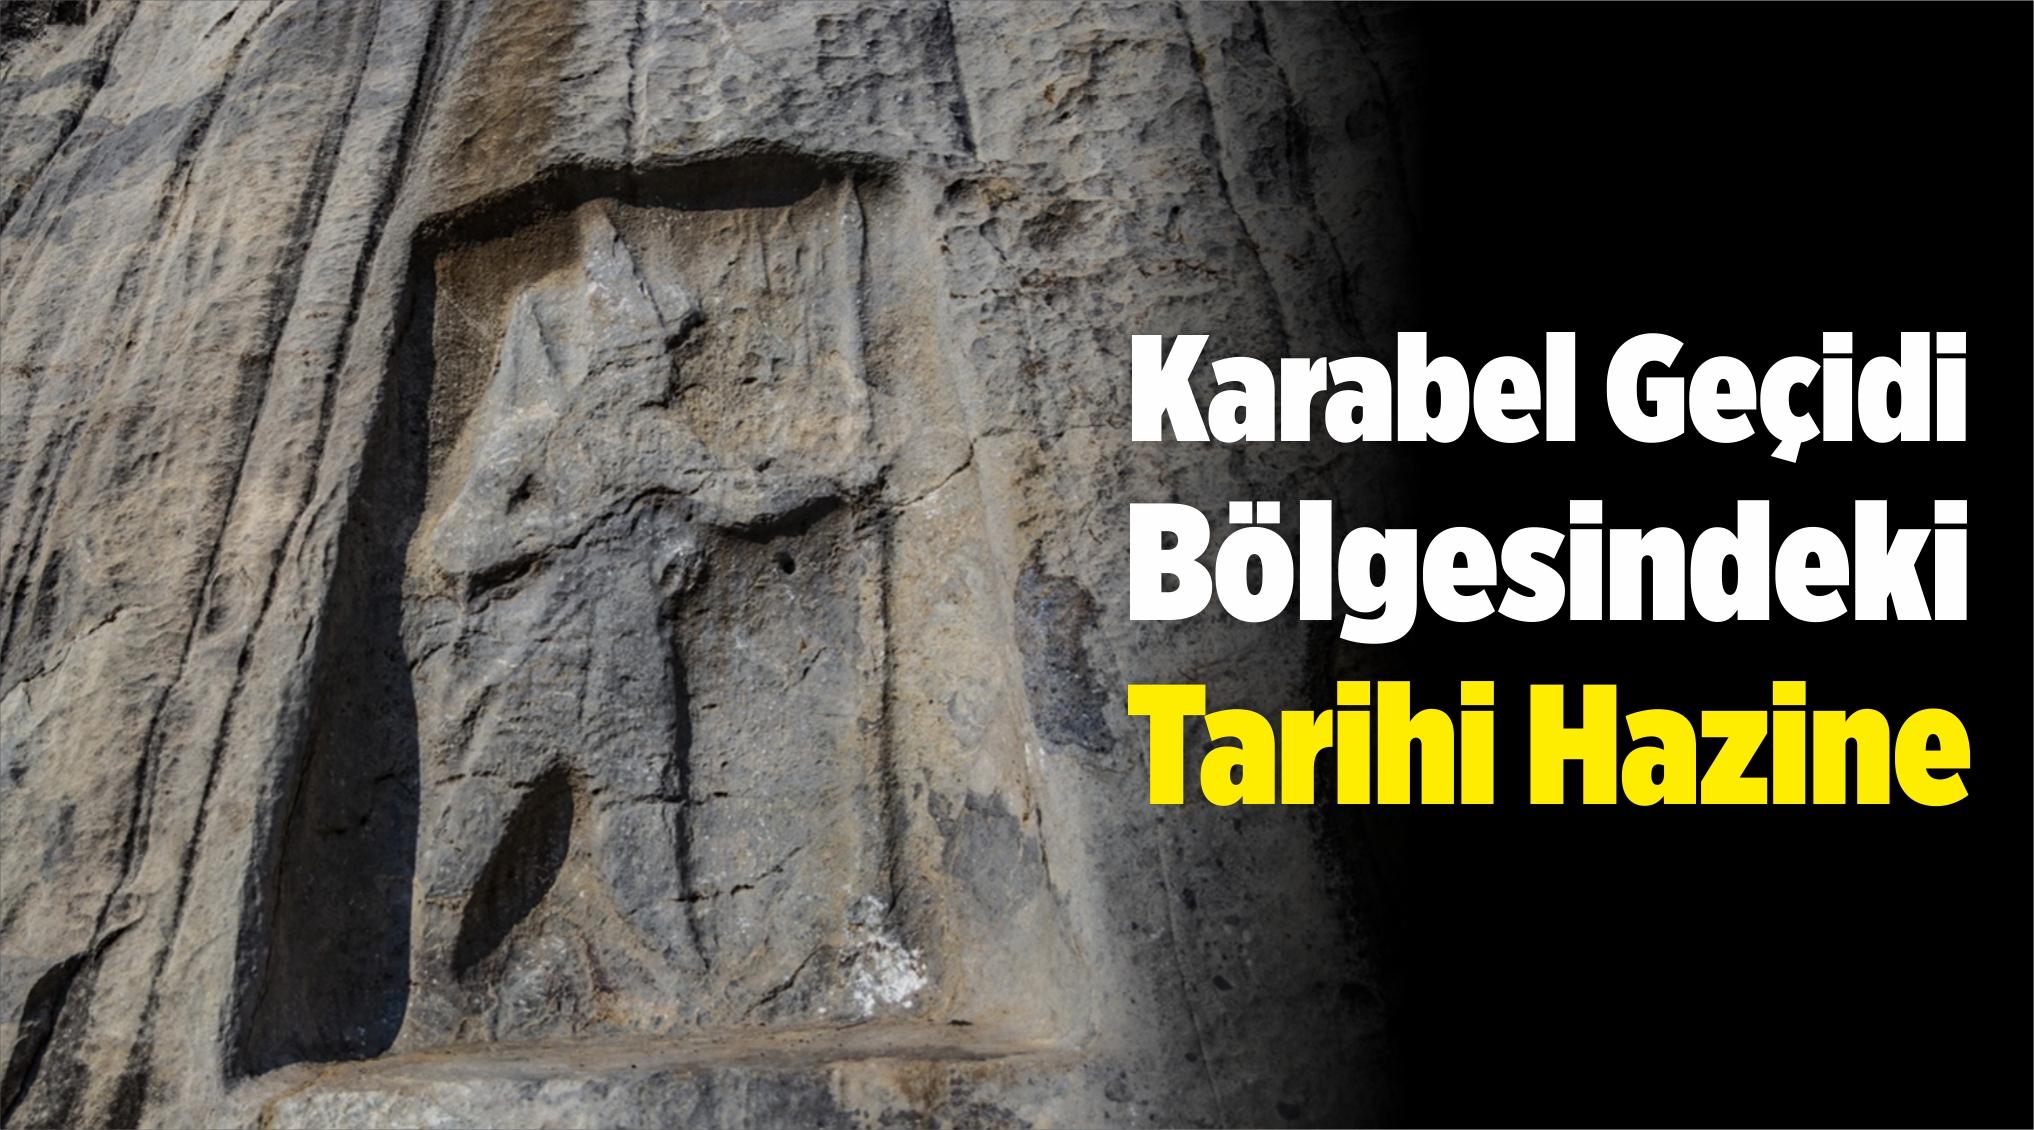 Karabel Geçidi Bölgesindeki Tarihi Hazine